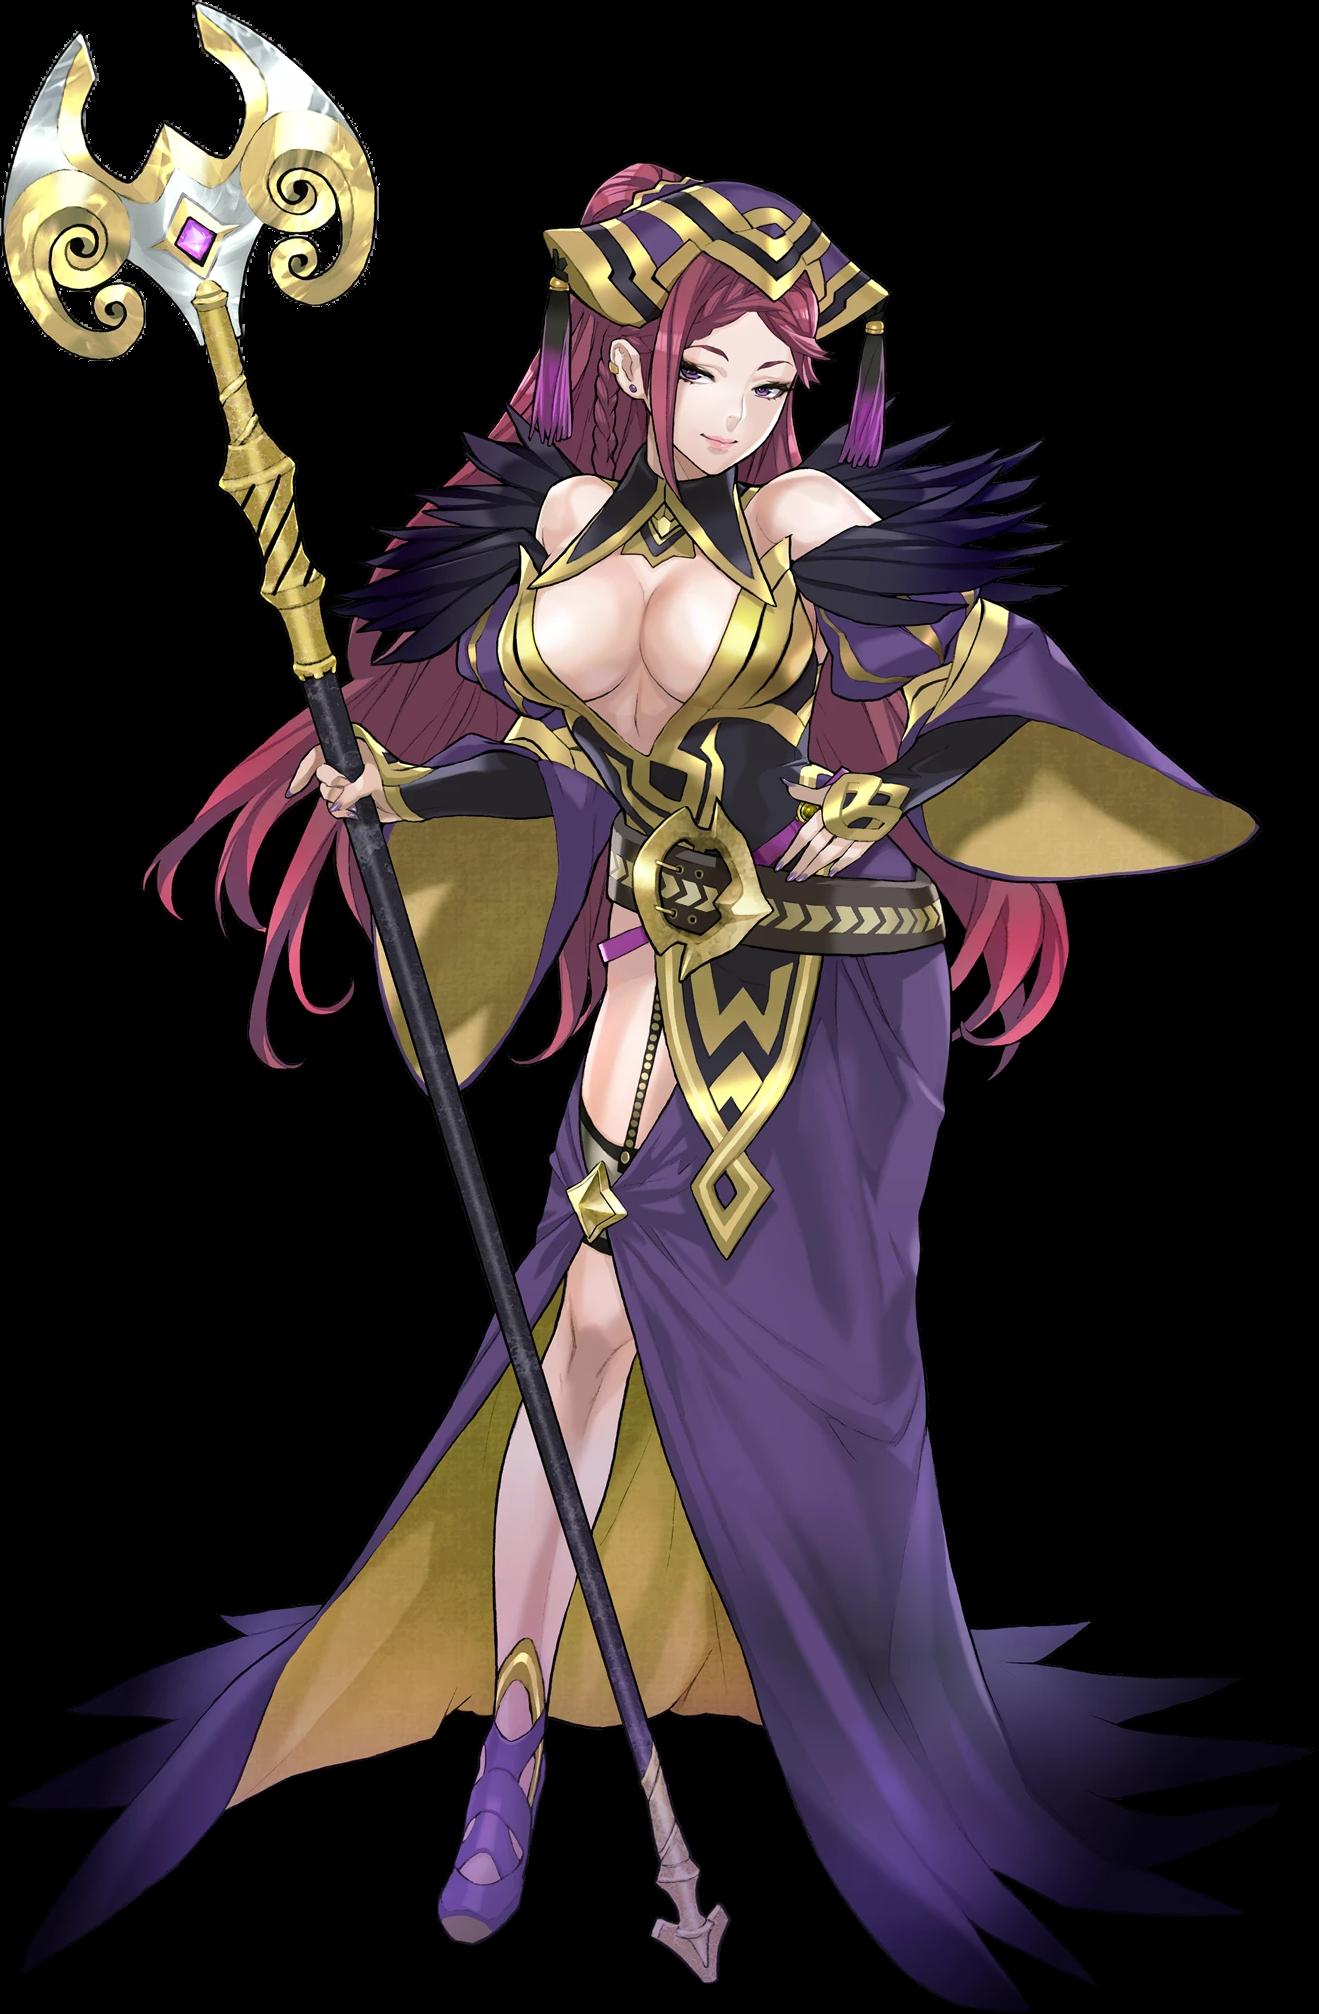 Loki | Fire Emblem Wiki | FANDOM powered by Wikia